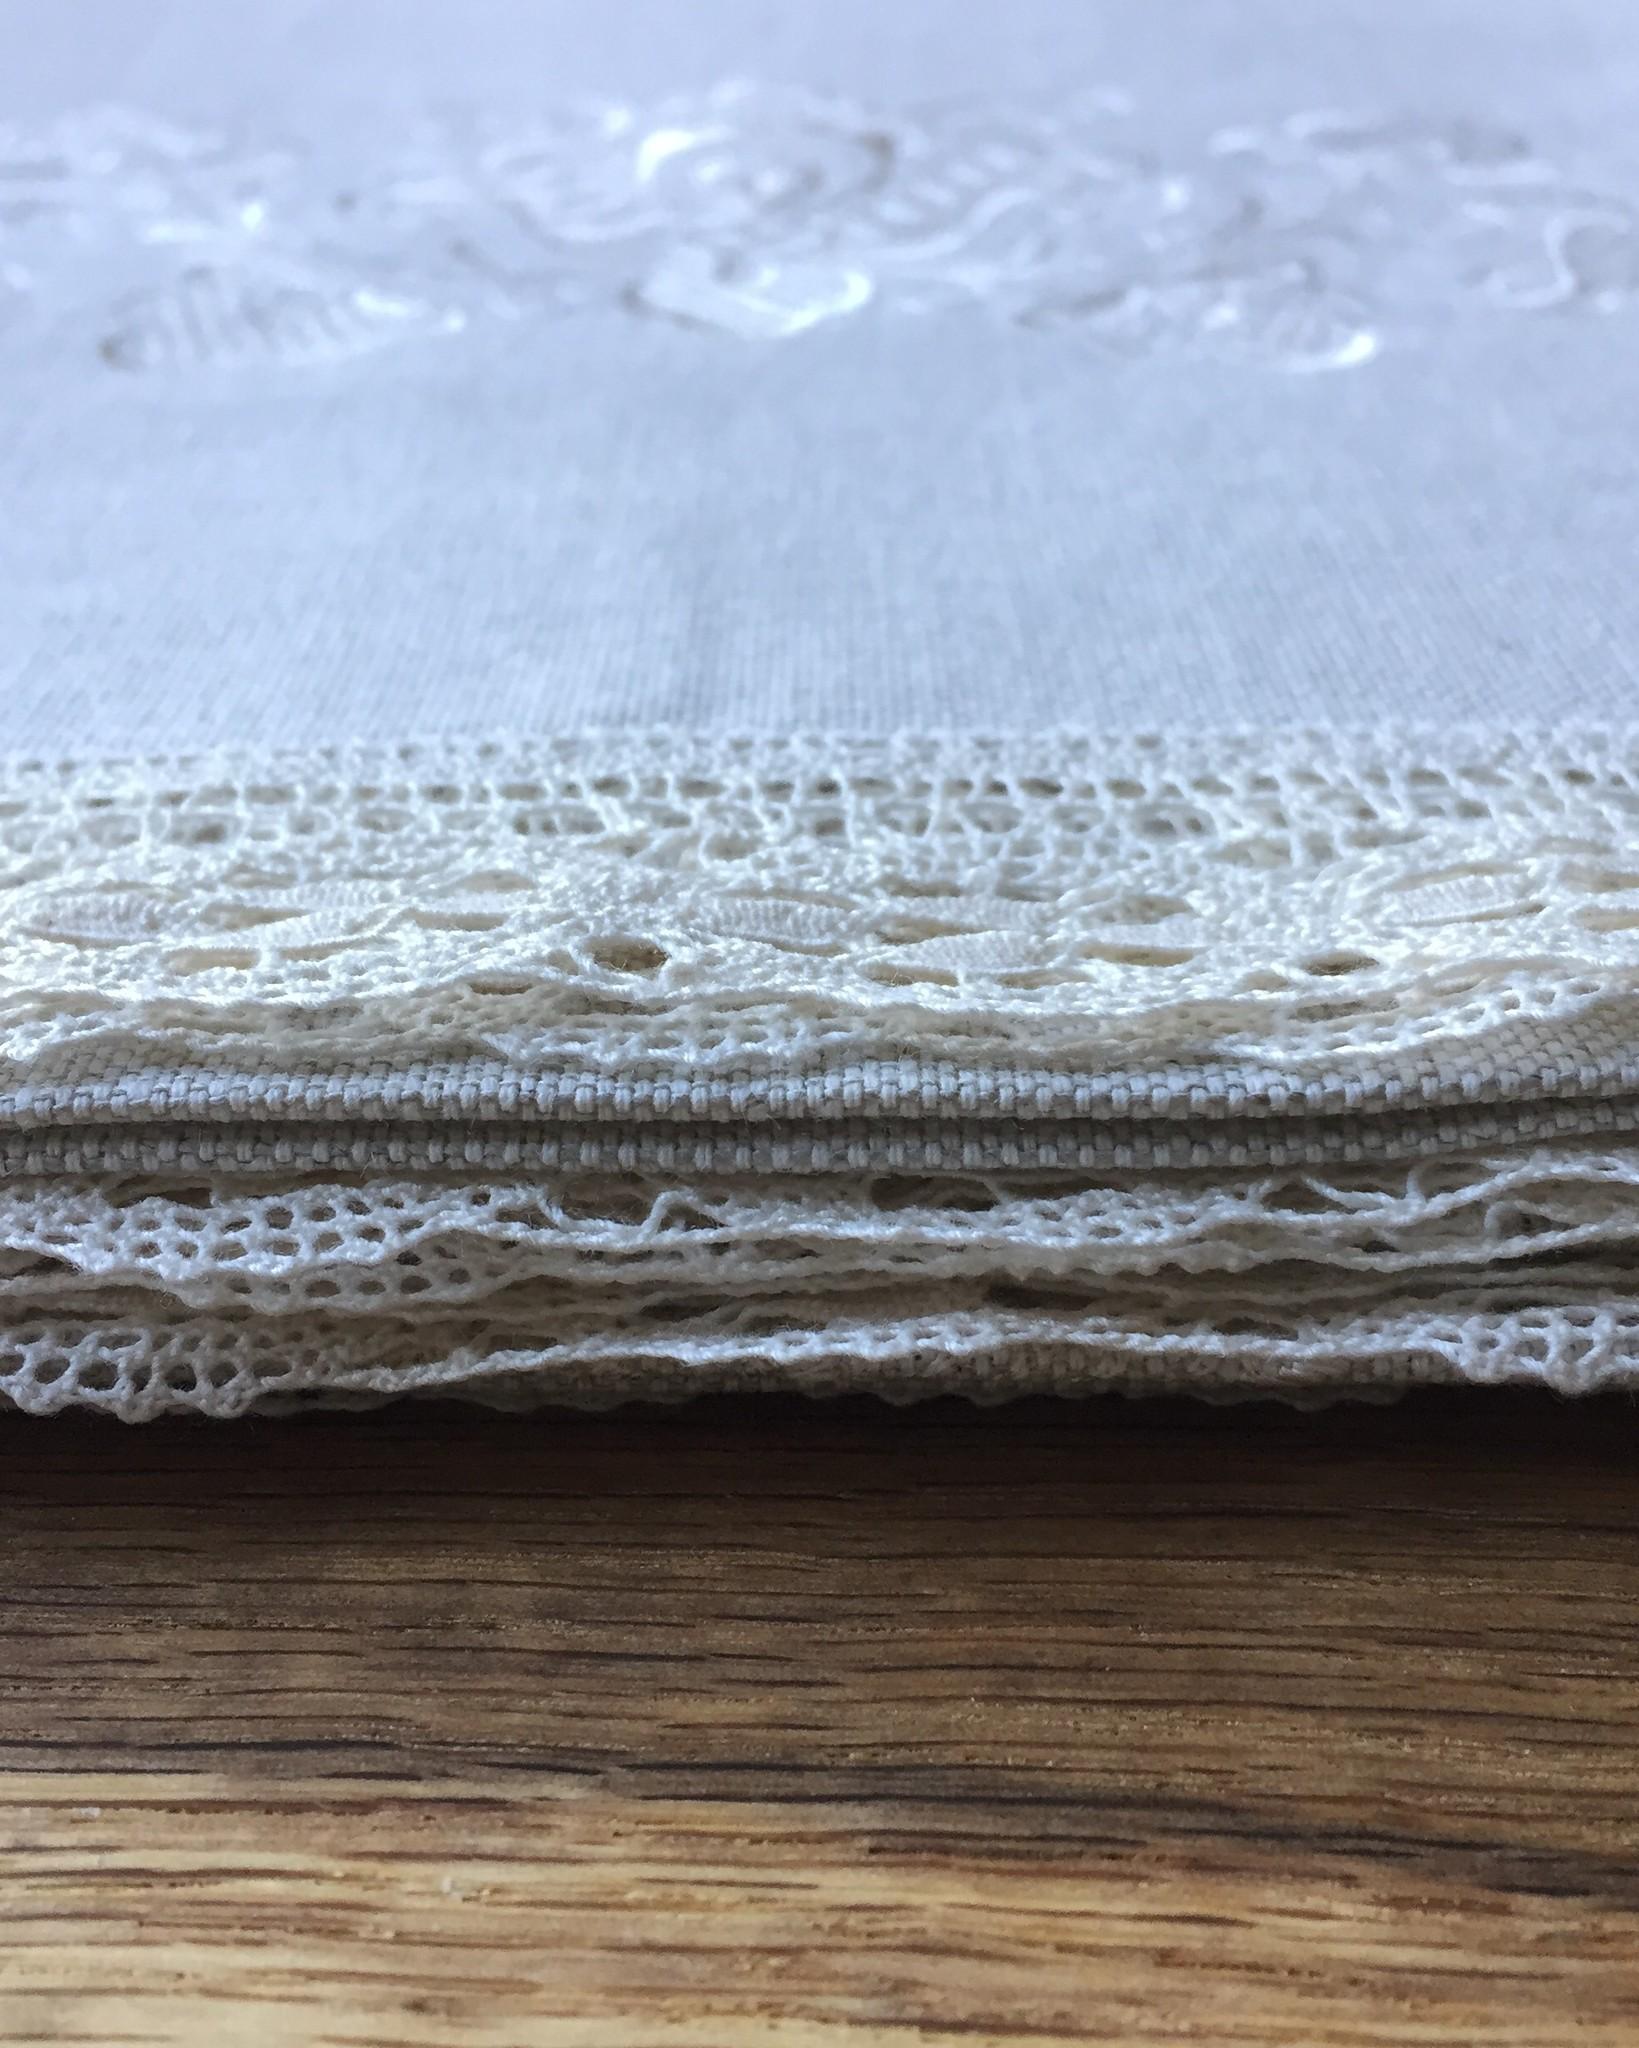 Скатерть льняная натуральный тёплый серый цвет с вышивкой в тон и молочным Вологодским кружевом 150 х 150 см